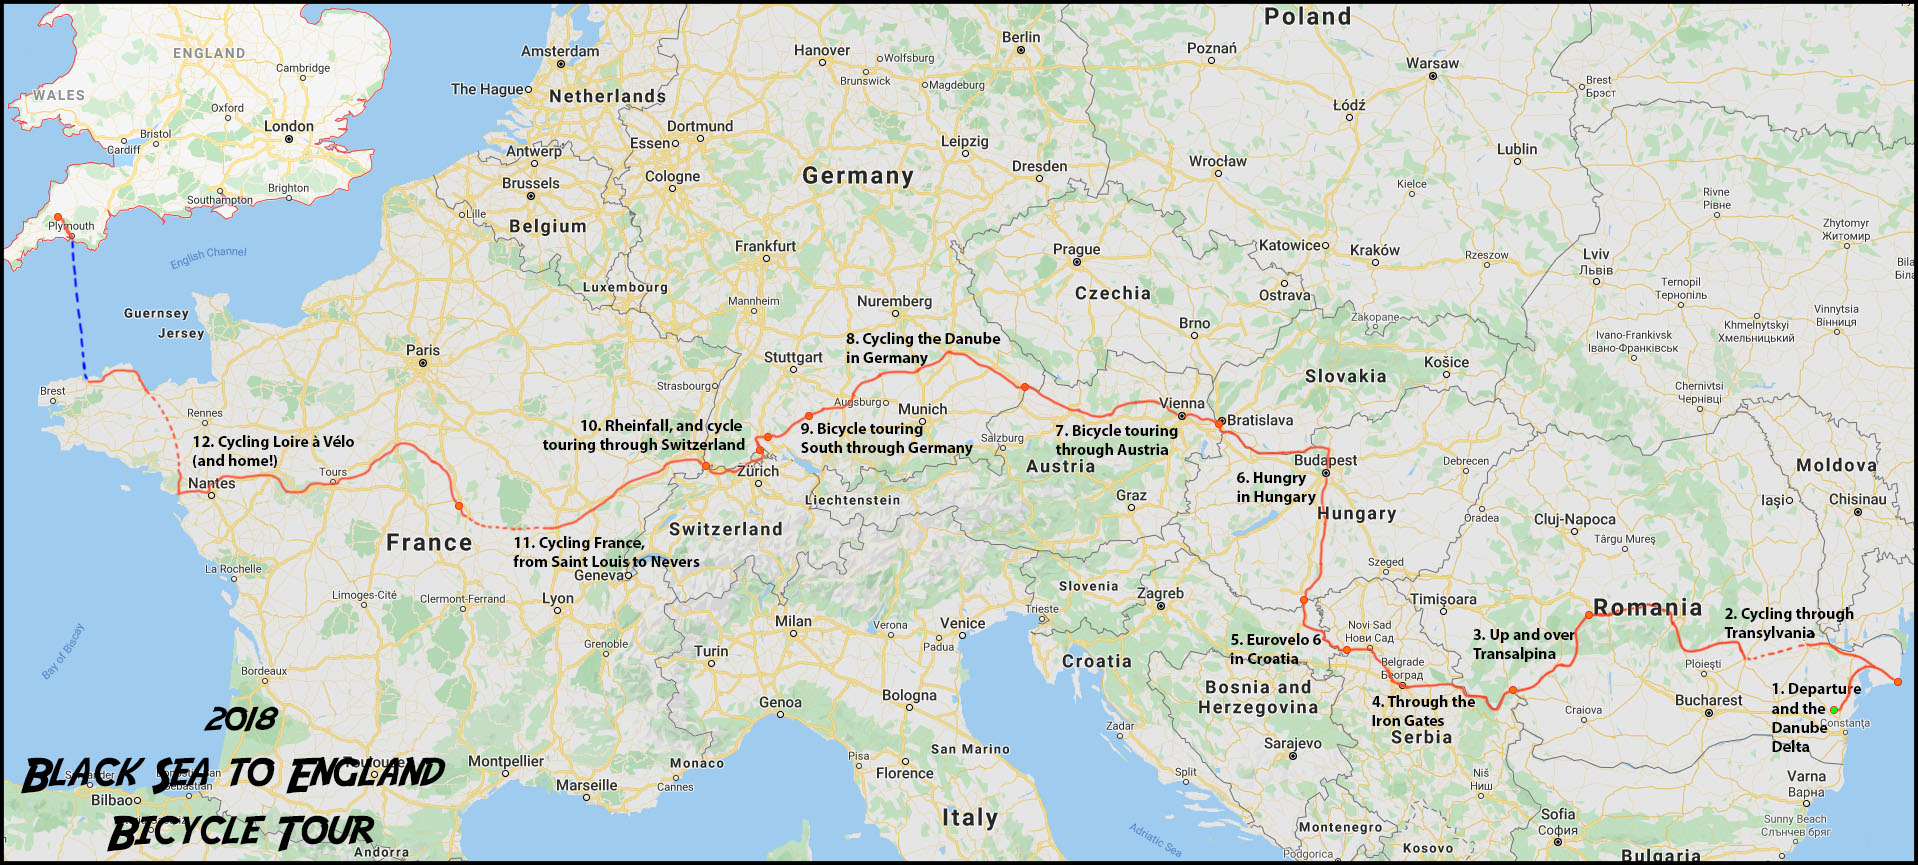 Black Sea to England Cycle Tour Recap